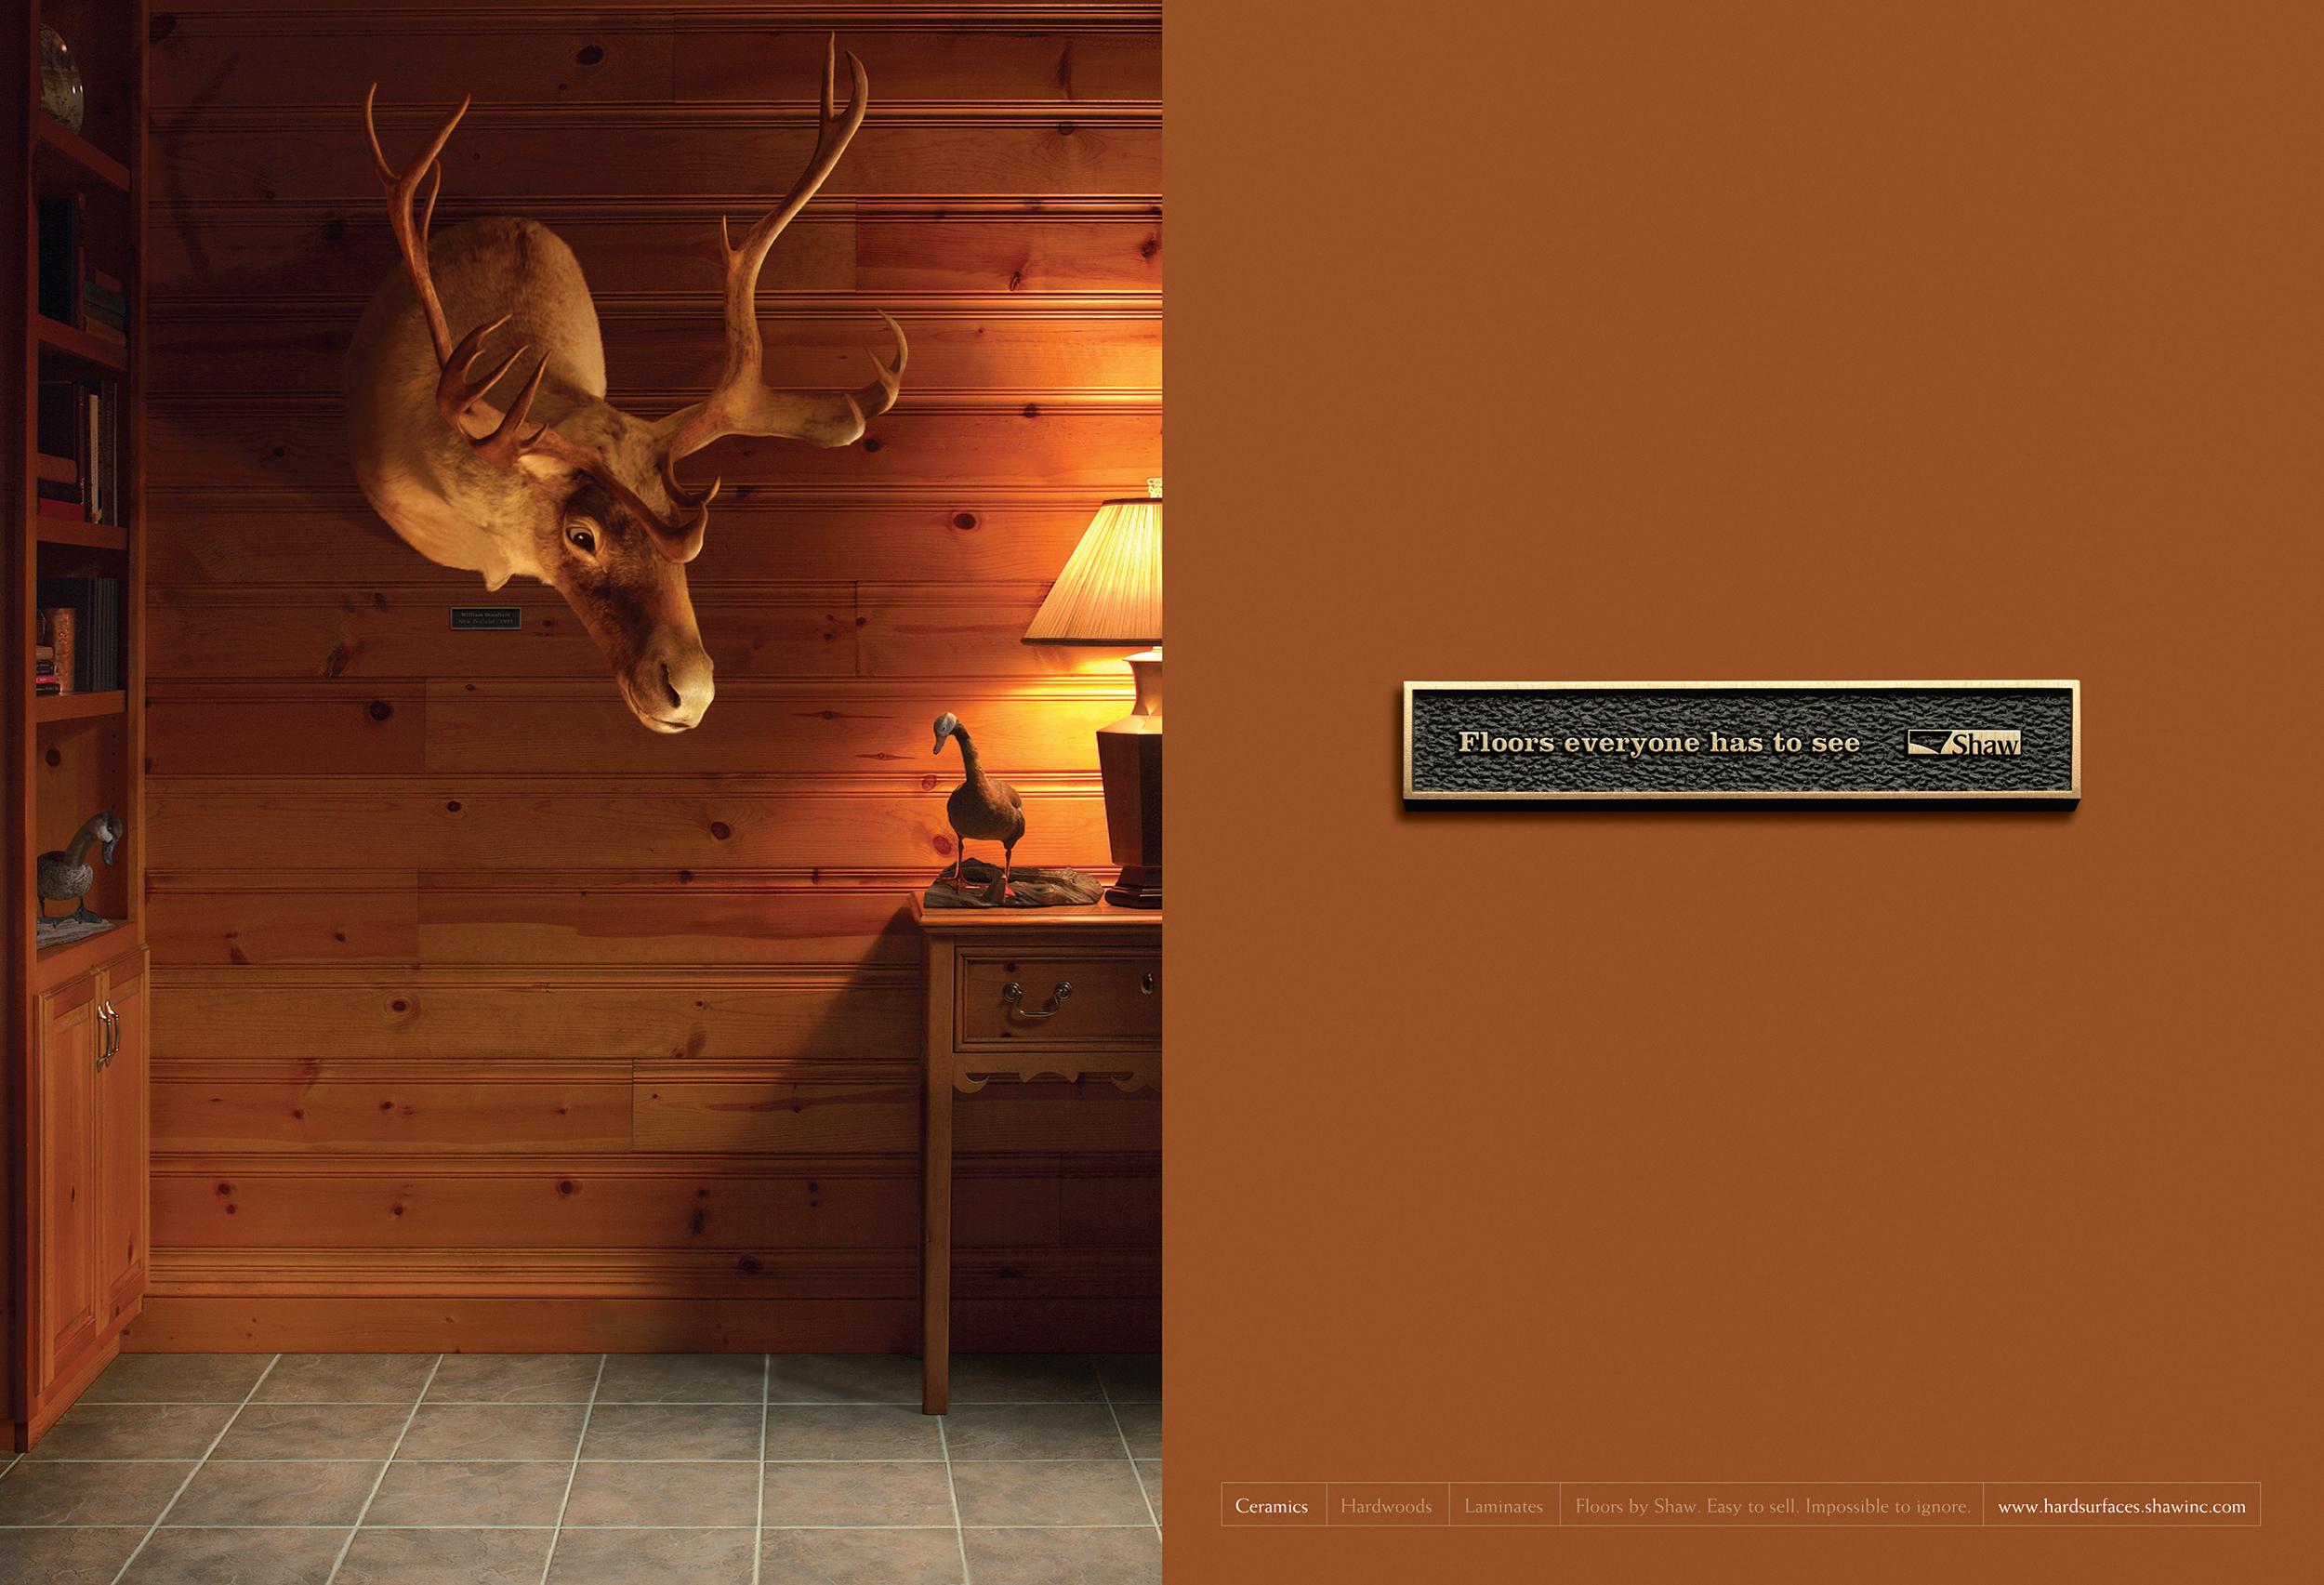 Shaw_caribou ad.jpg